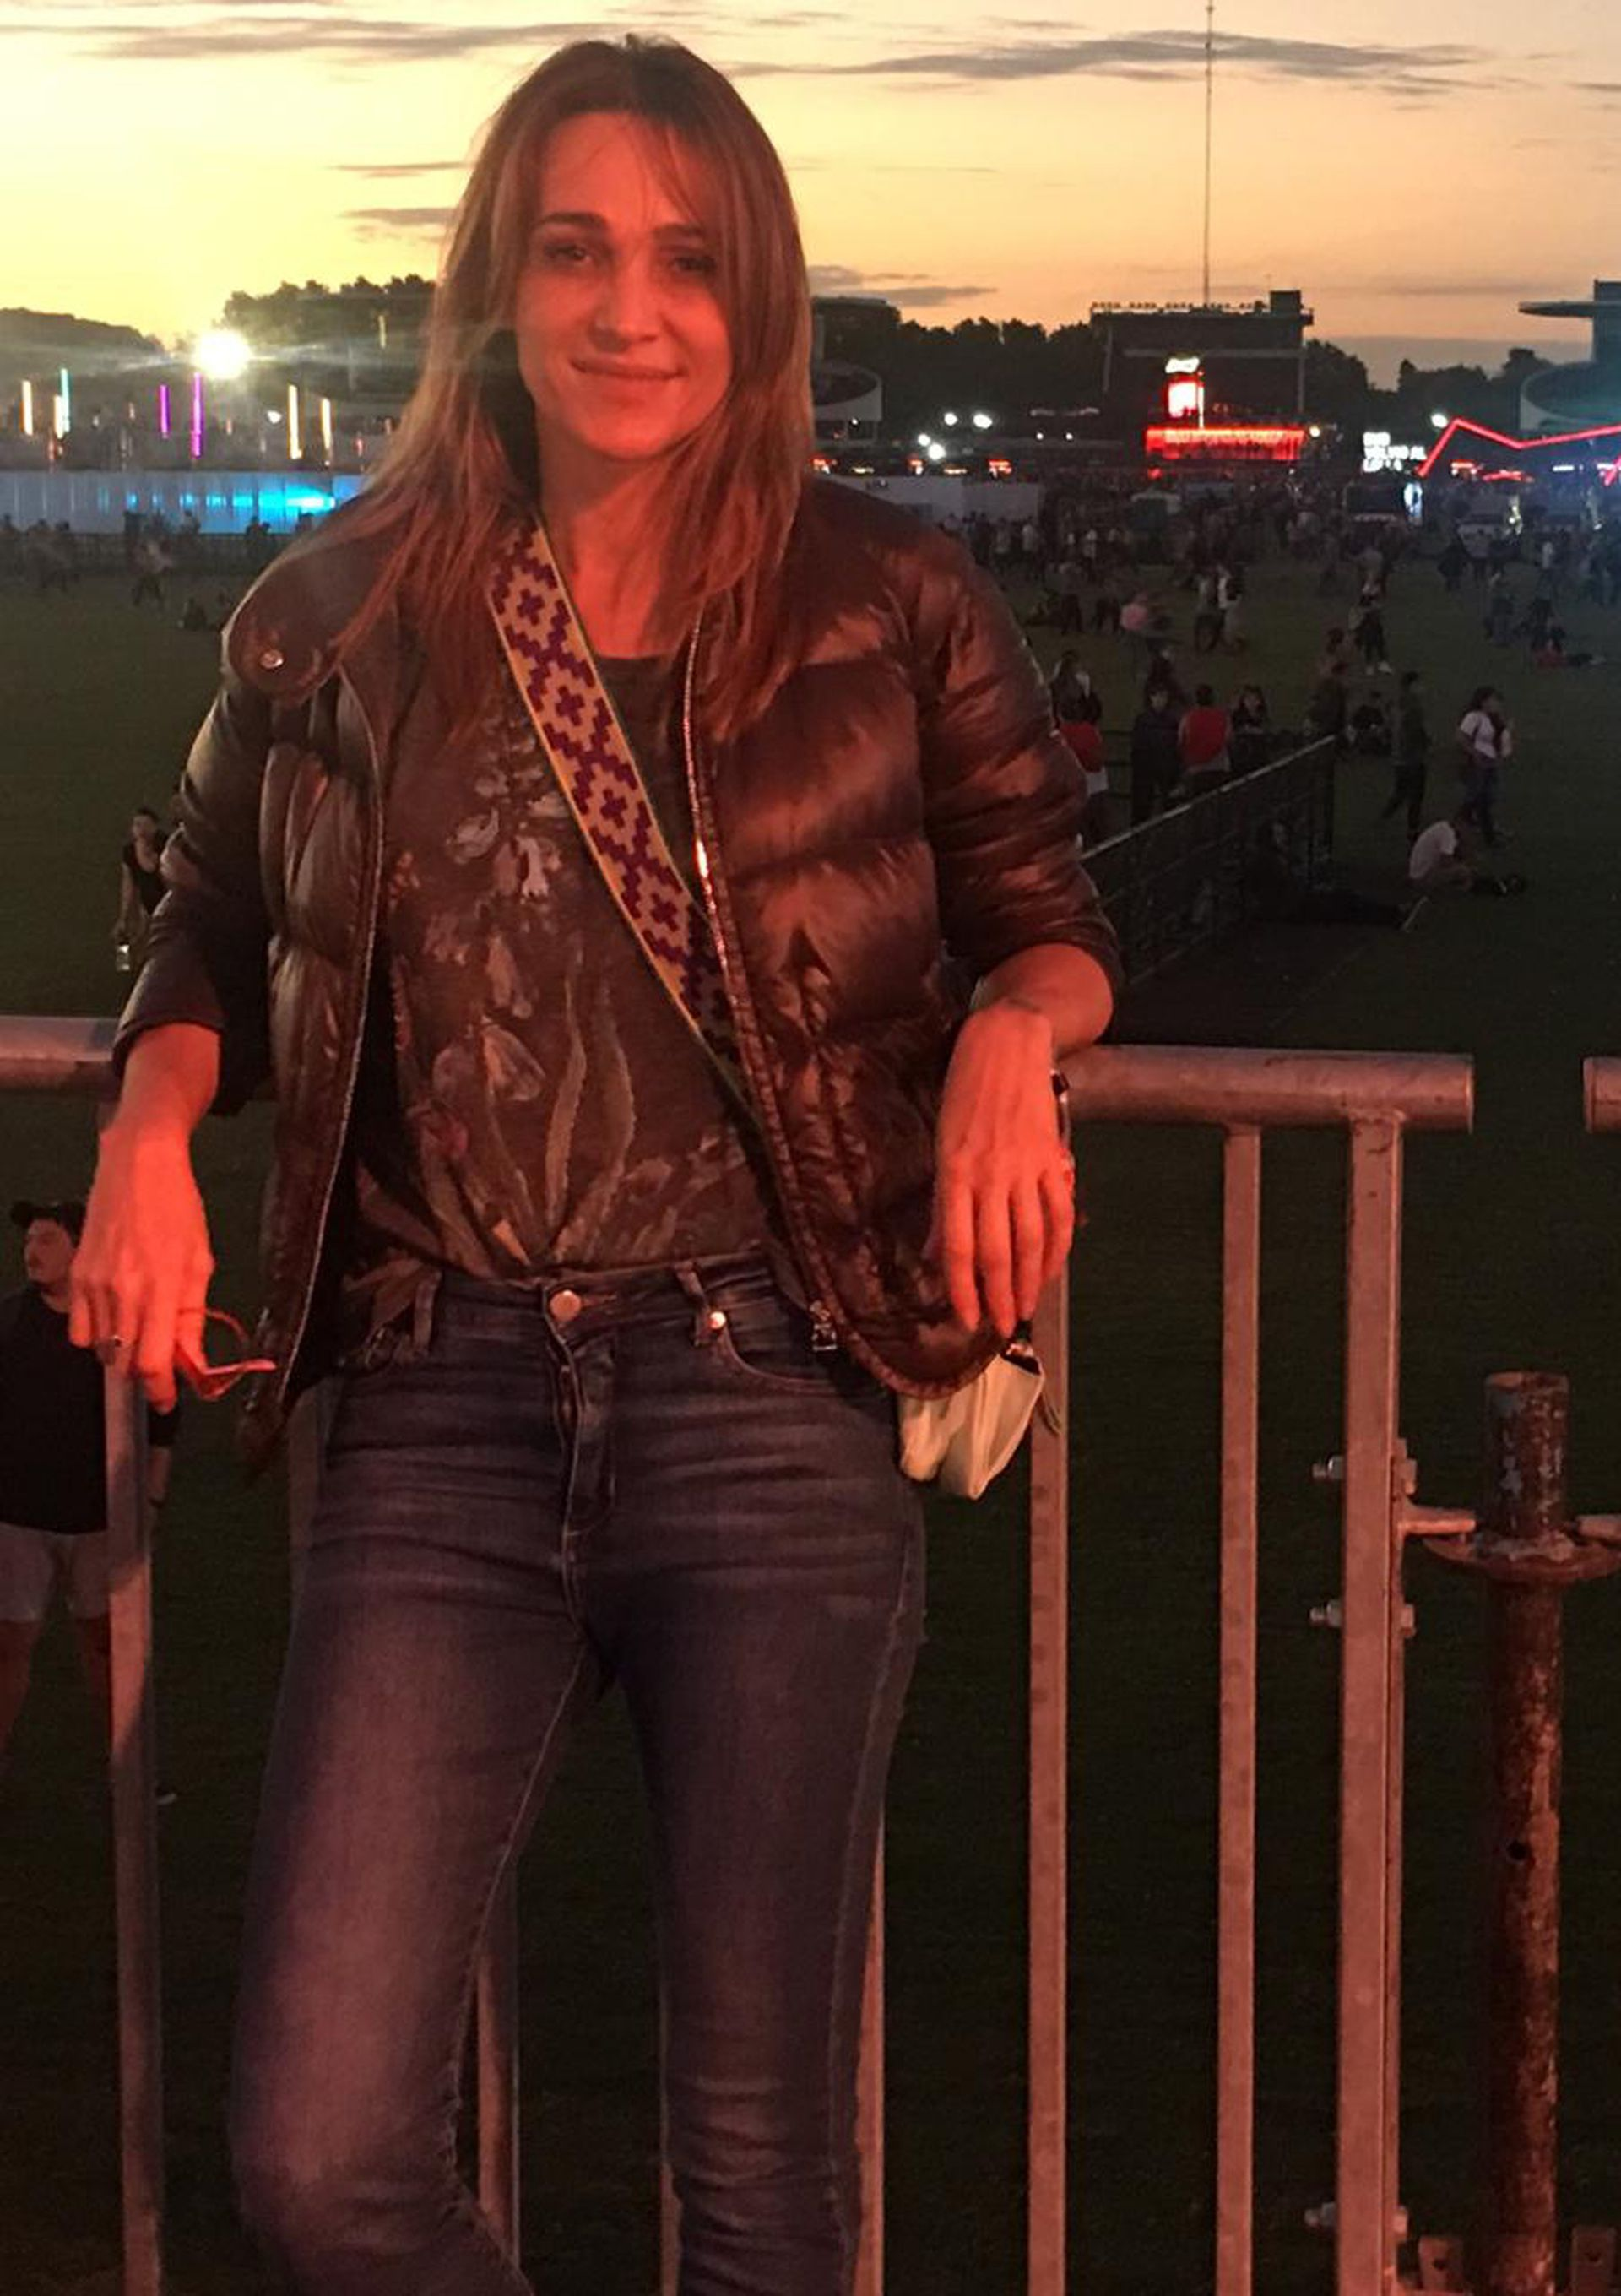 Vero Lozano dijo presente en la primera jornada del festival y no fue sola, estuvo acompañada por su hija Antonia